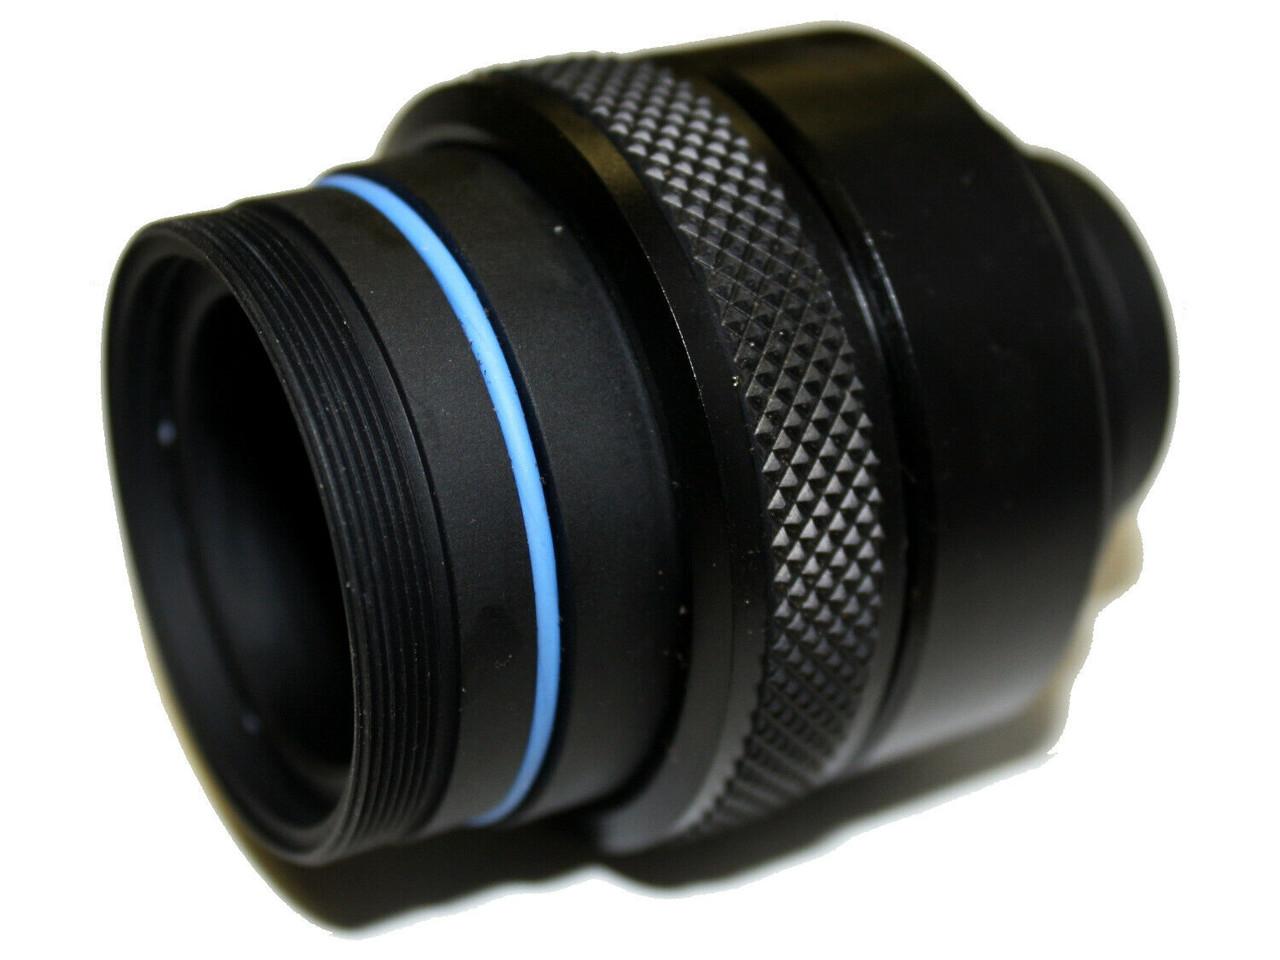 Litton SLR Relay Lens P/N 206420-100 for M944 ITT 6010 ENVIS Night Vision Scope